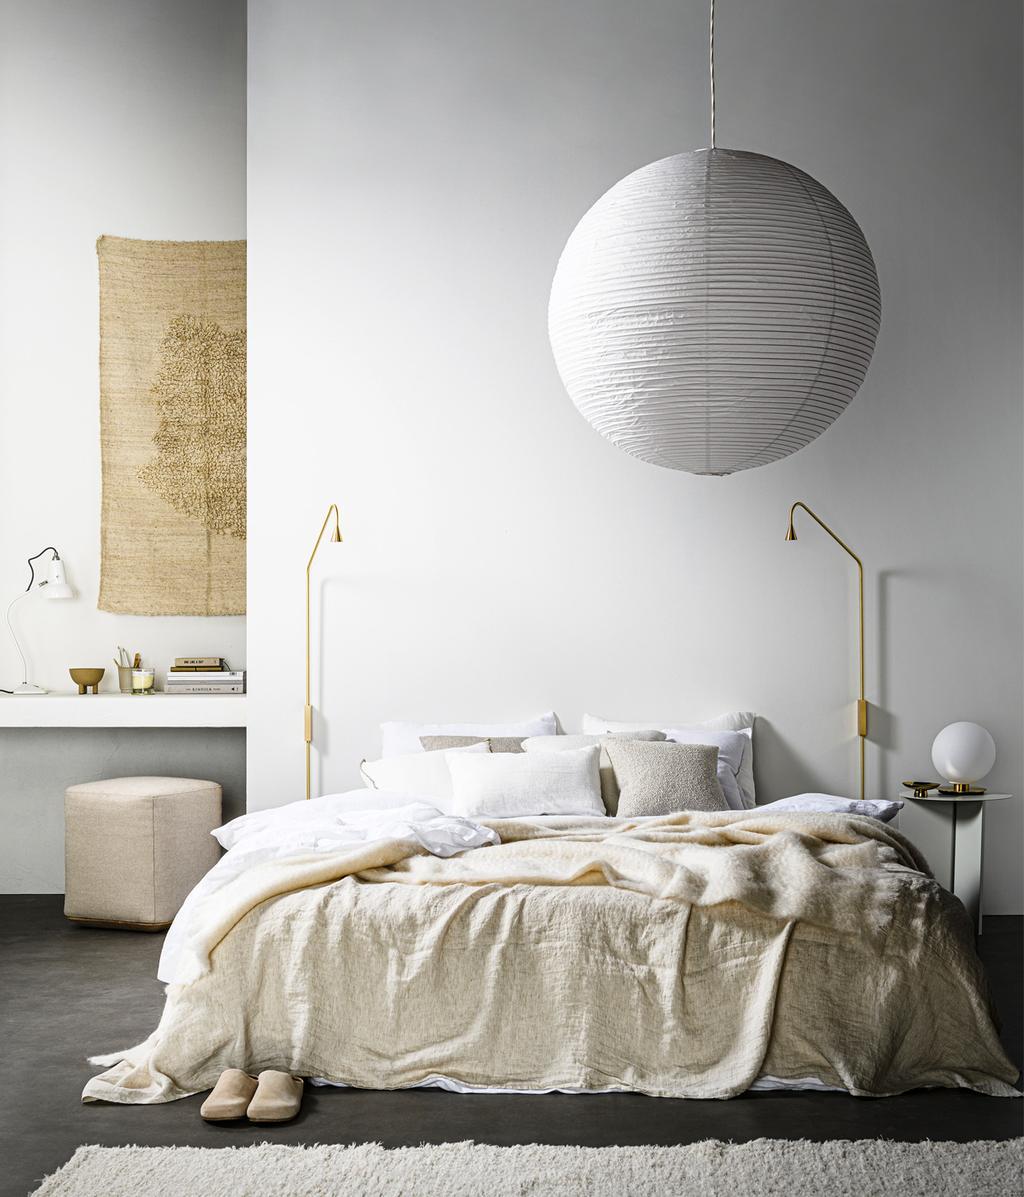 XL hanglamp | Slaapkamer | Styling | vtwonen 13-2020